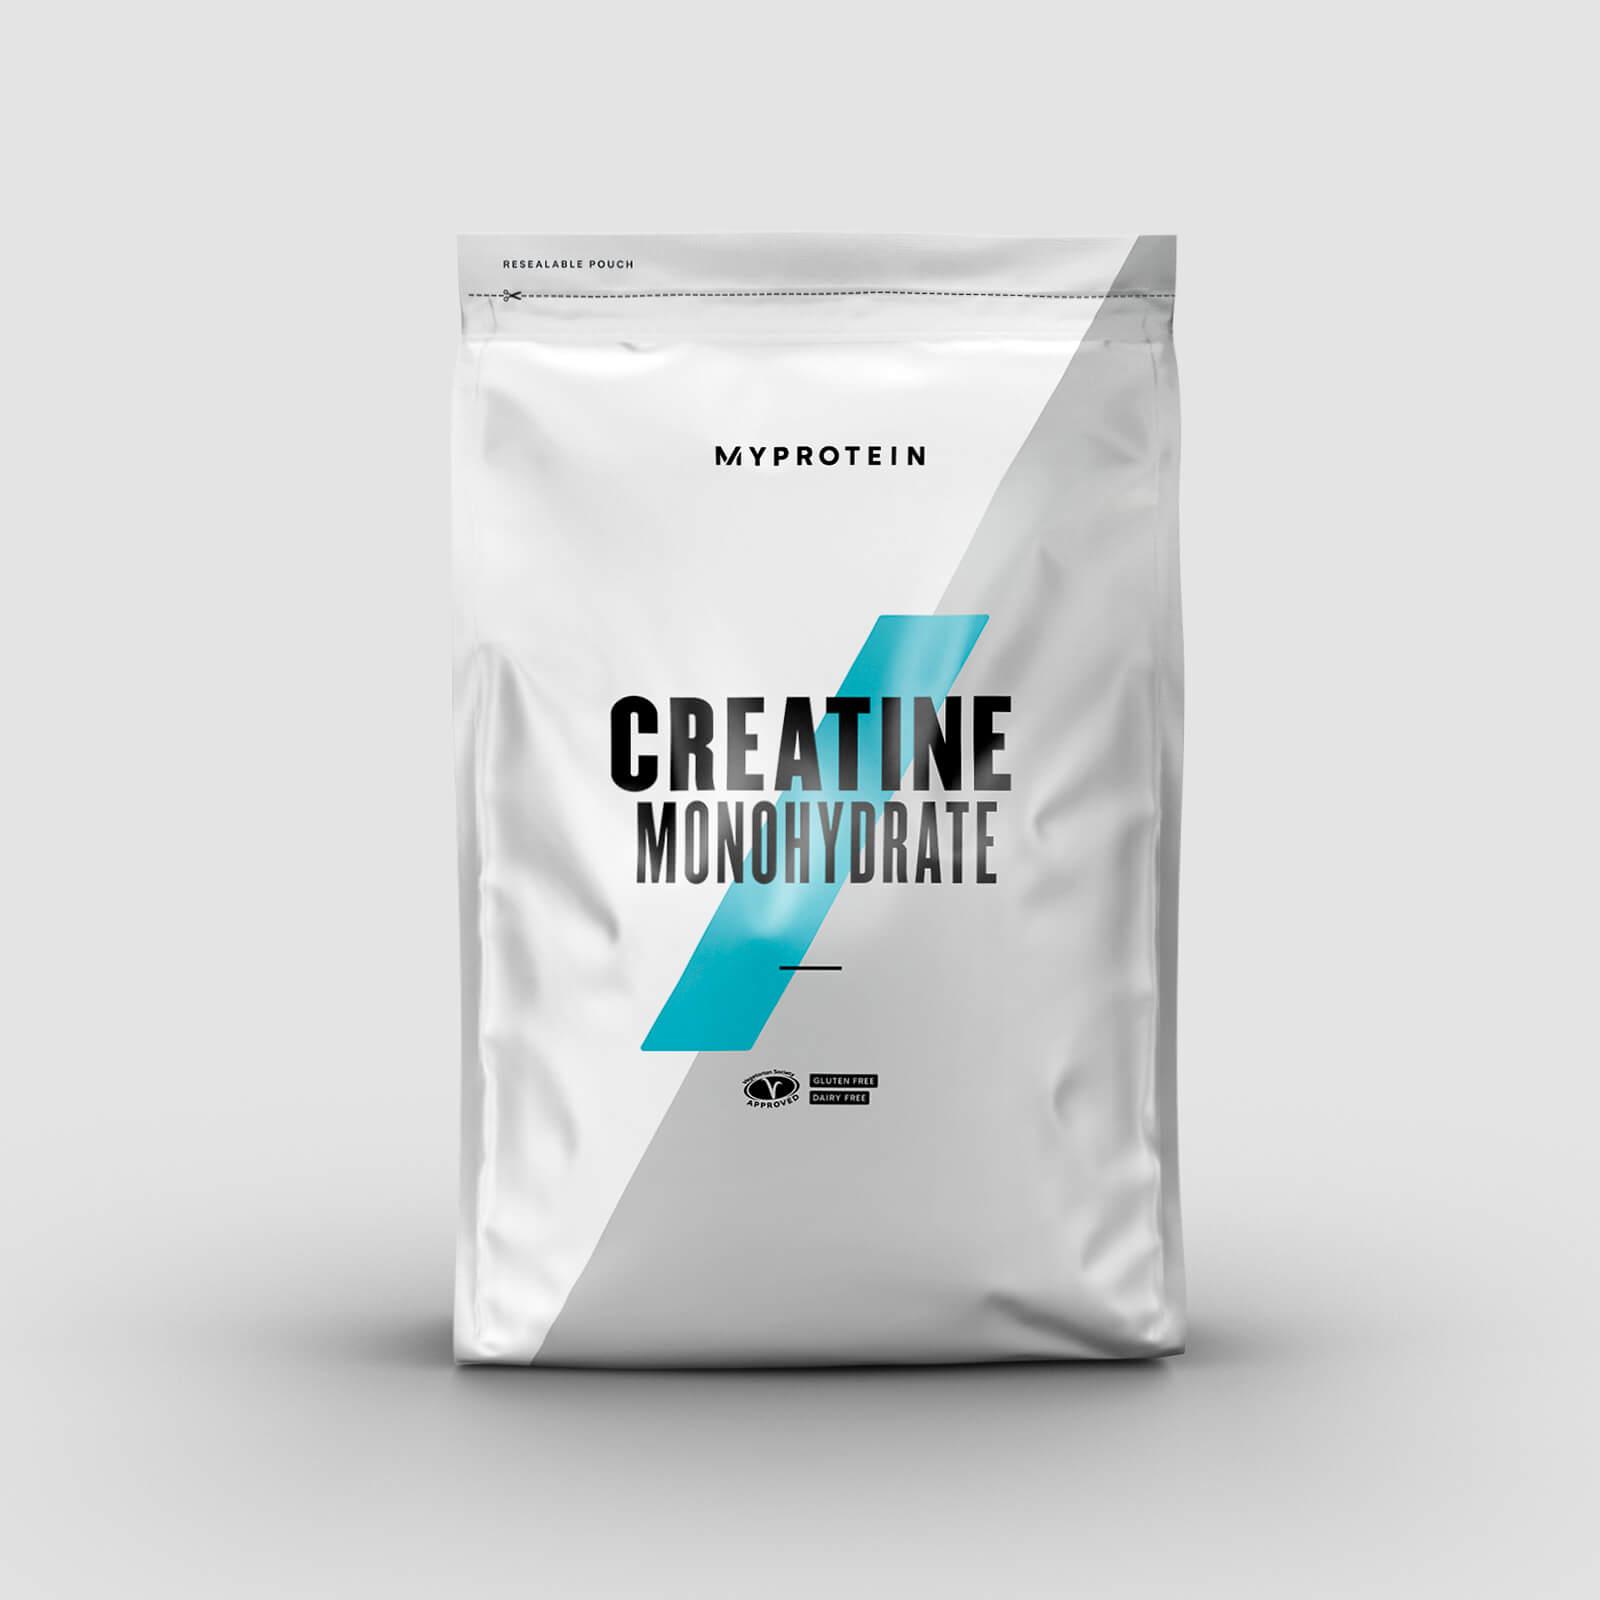 Myprotein Creatine Monohydrate Powder - 0.5lb - Unflavored